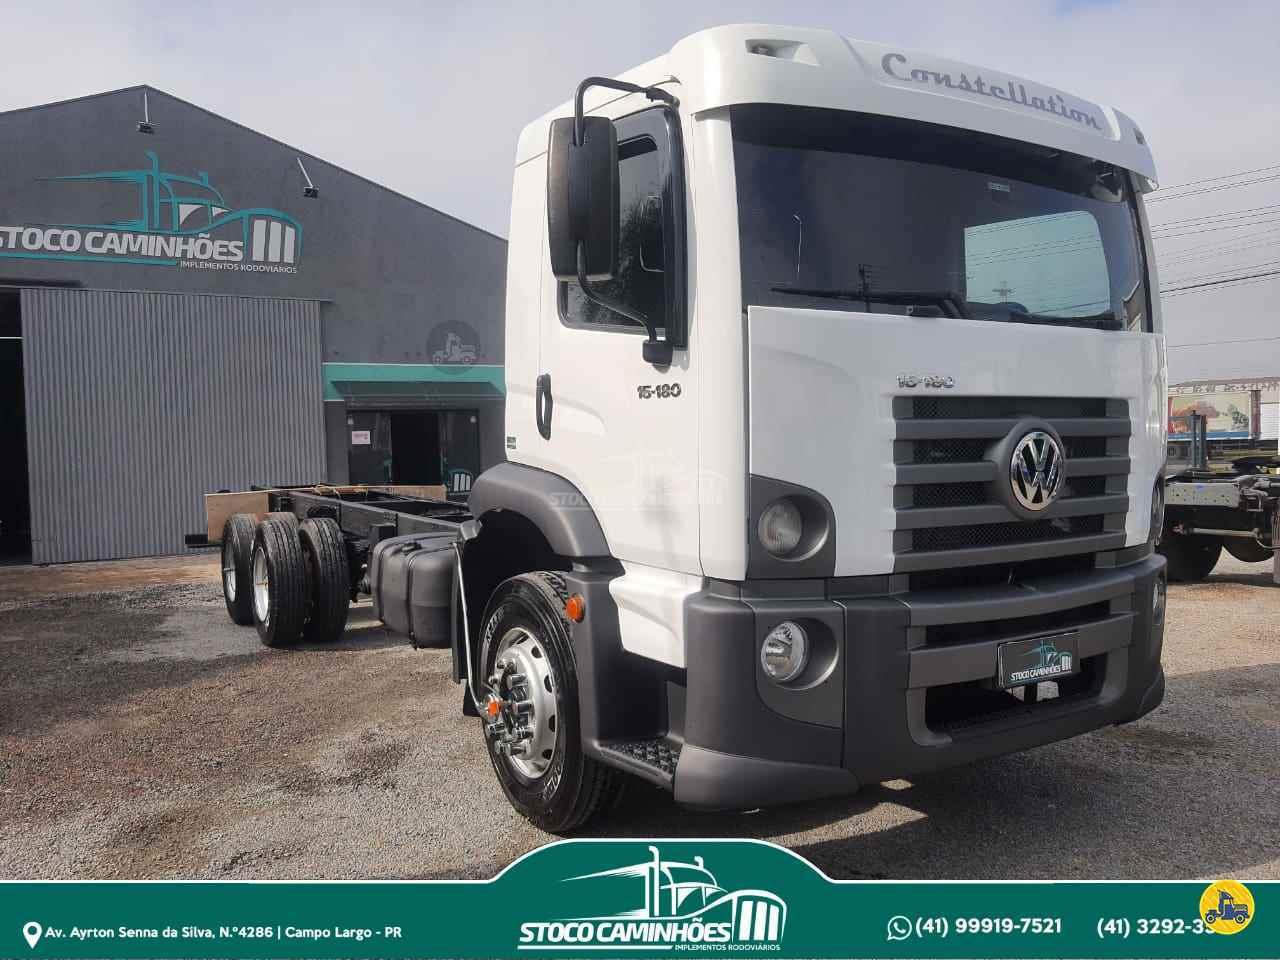 CAMINHAO VOLKSWAGEN VW 15180 Chassis Truck 6x2 Stoco Caminhões  CAMPO LARGO PARANÁ PR